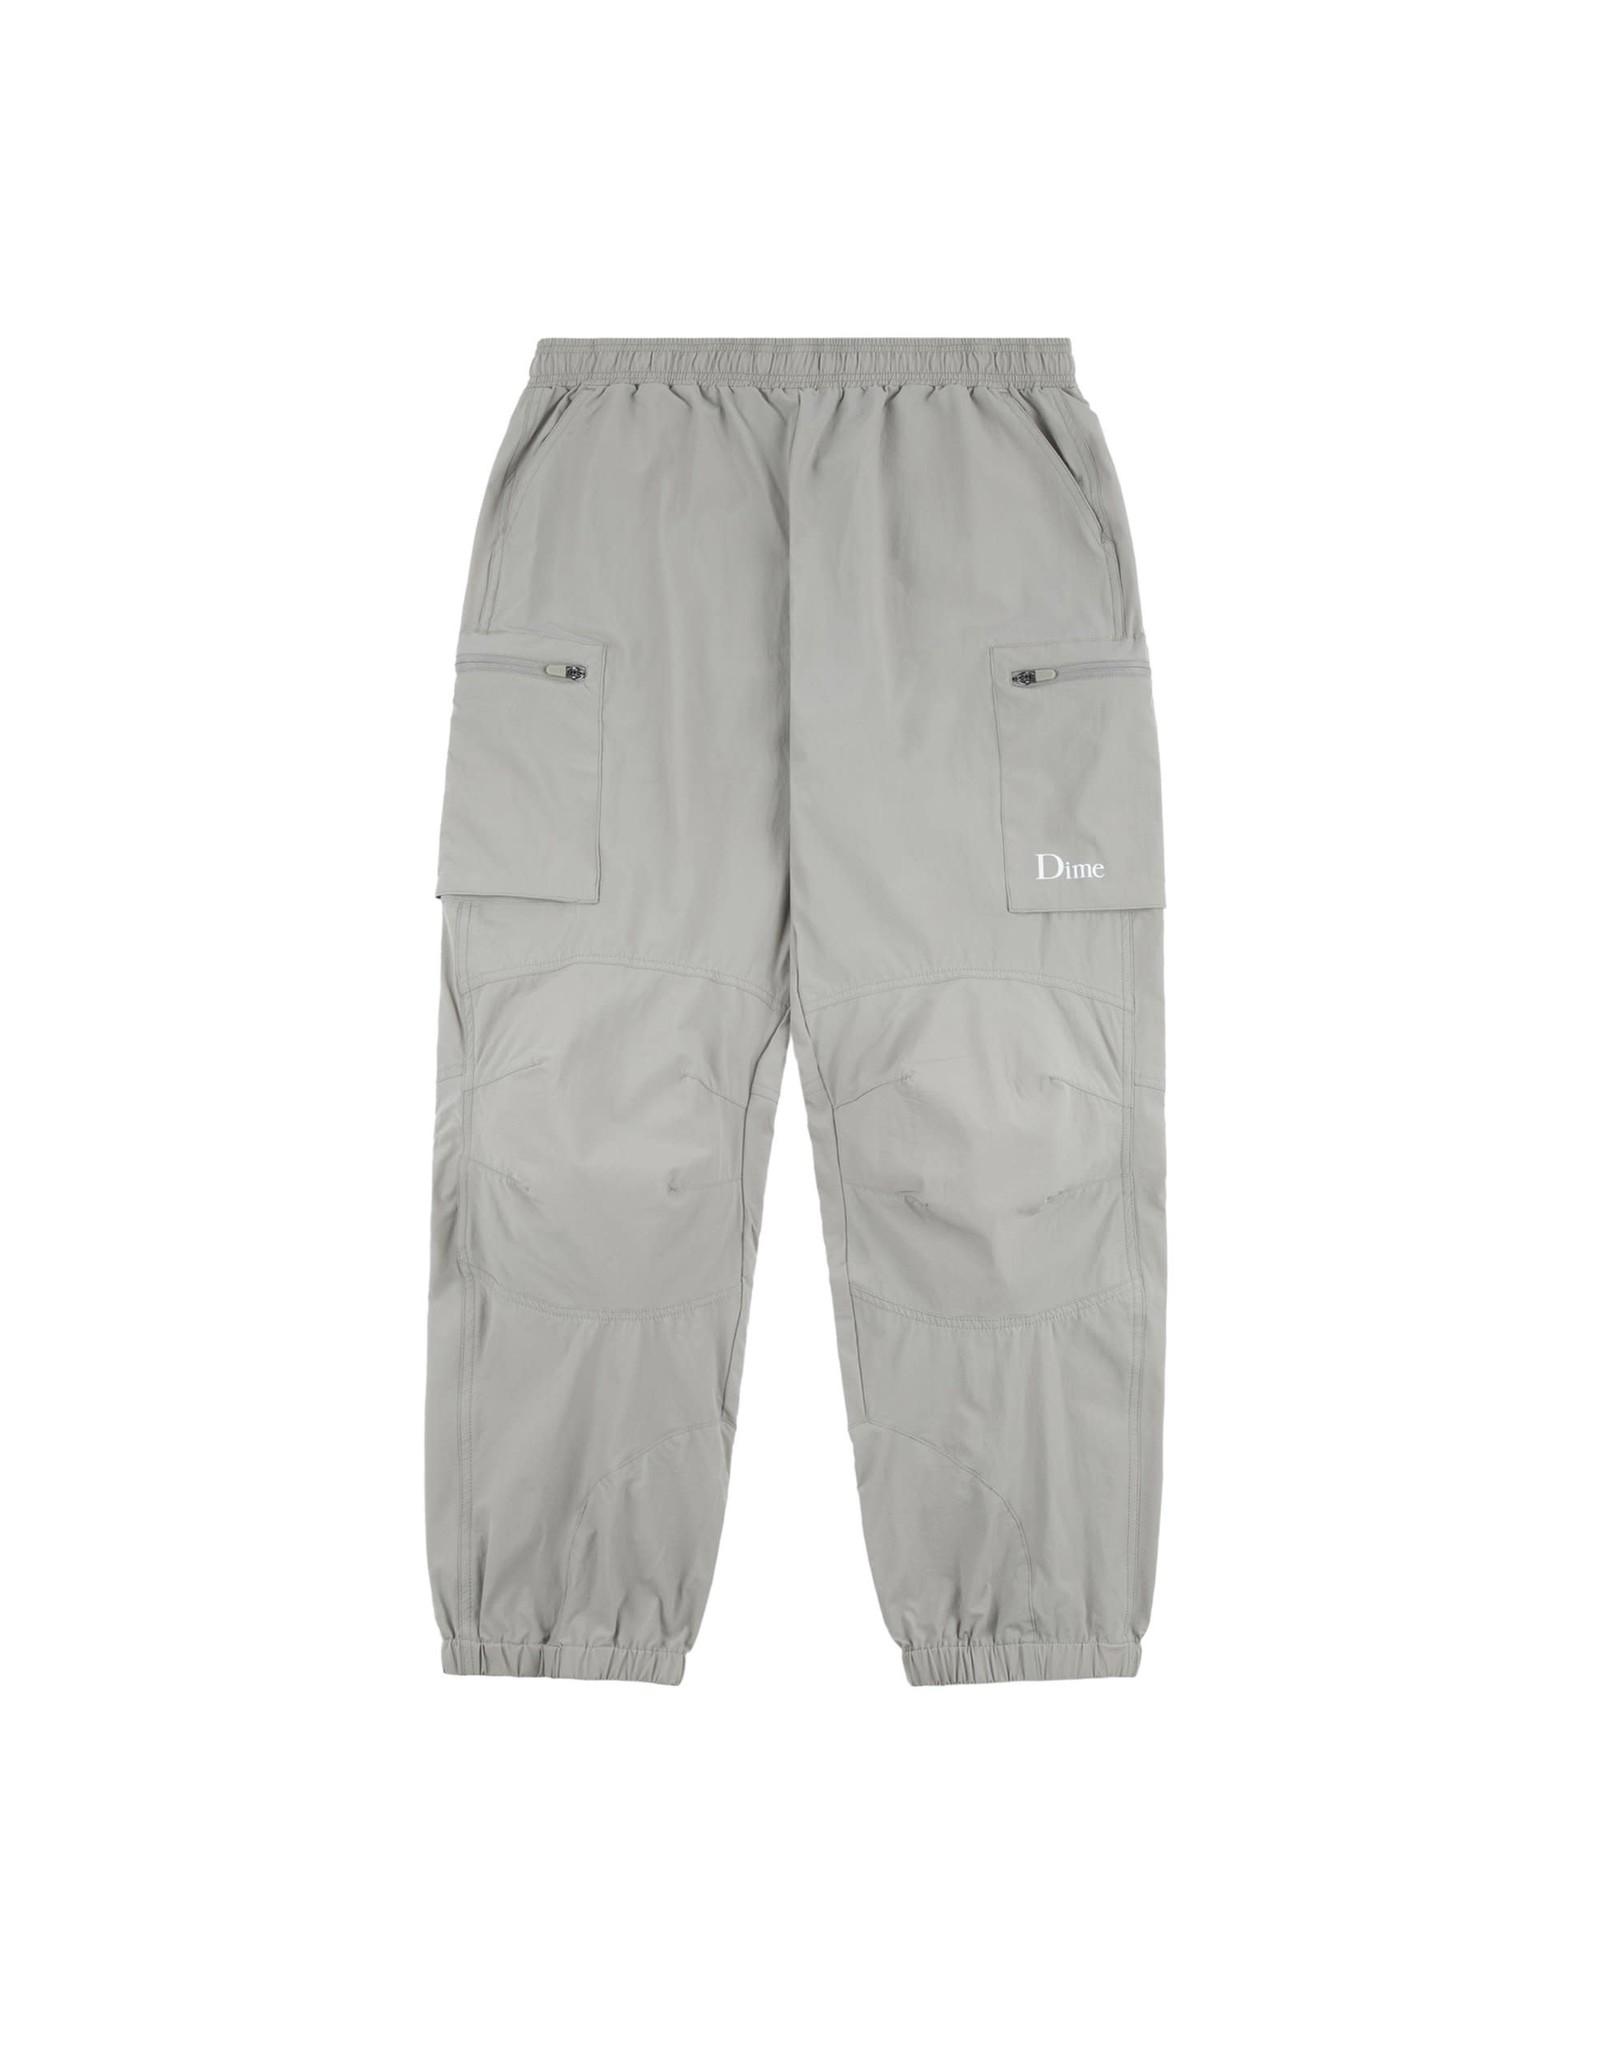 Dime Range Pants - Gray